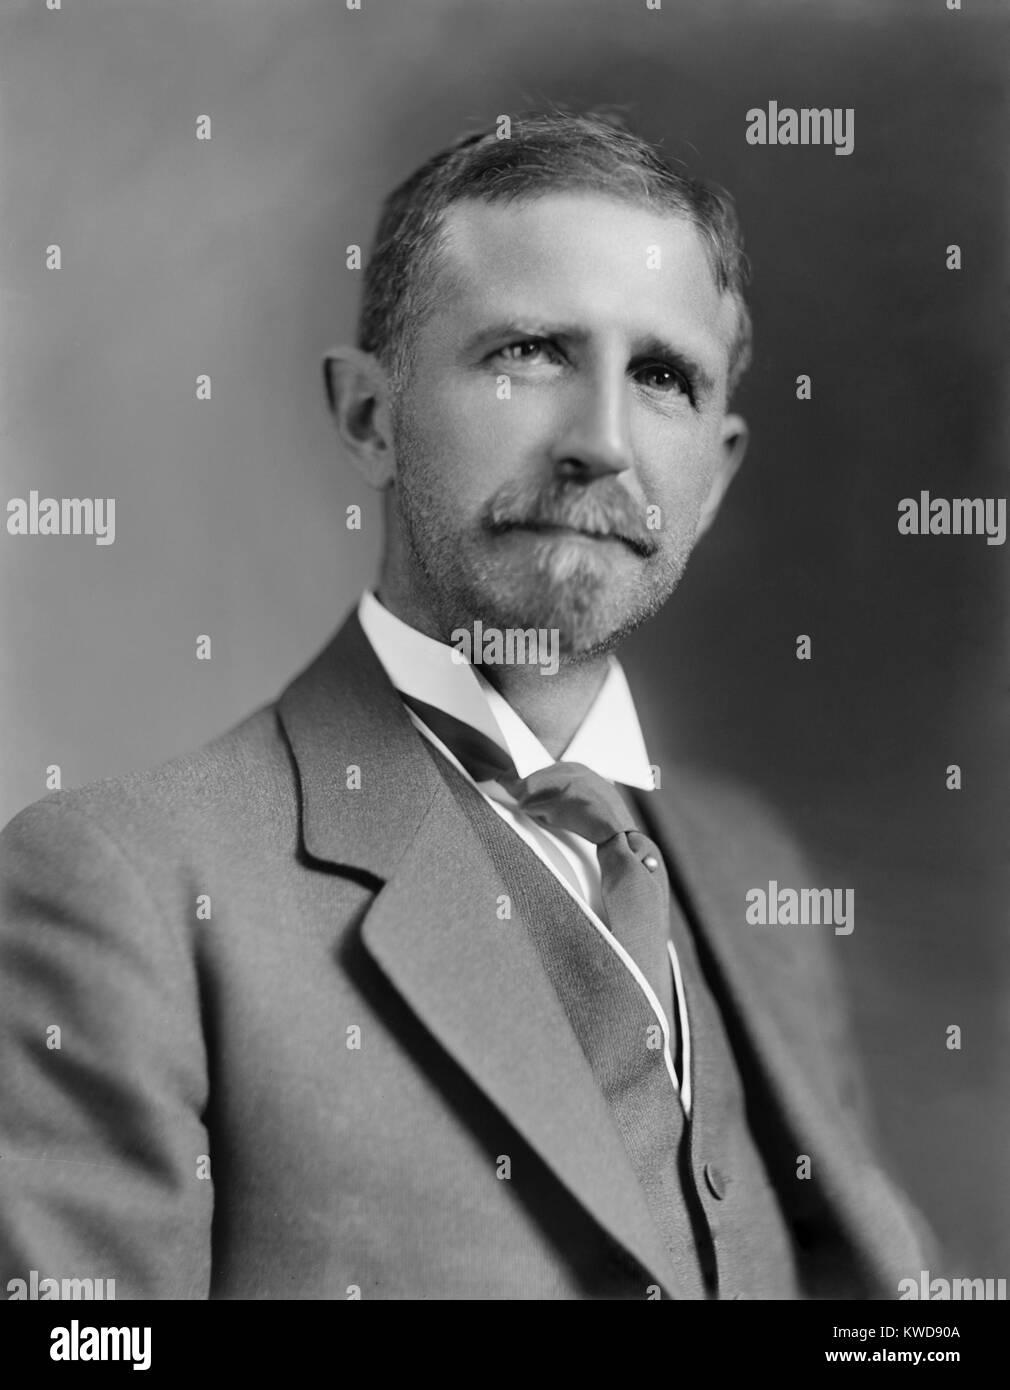 Roger Ward Babson fue un empresario estadounidense, economista, teórico y autor de negocios, c. 1920. El 5 de septiembre Foto de stock